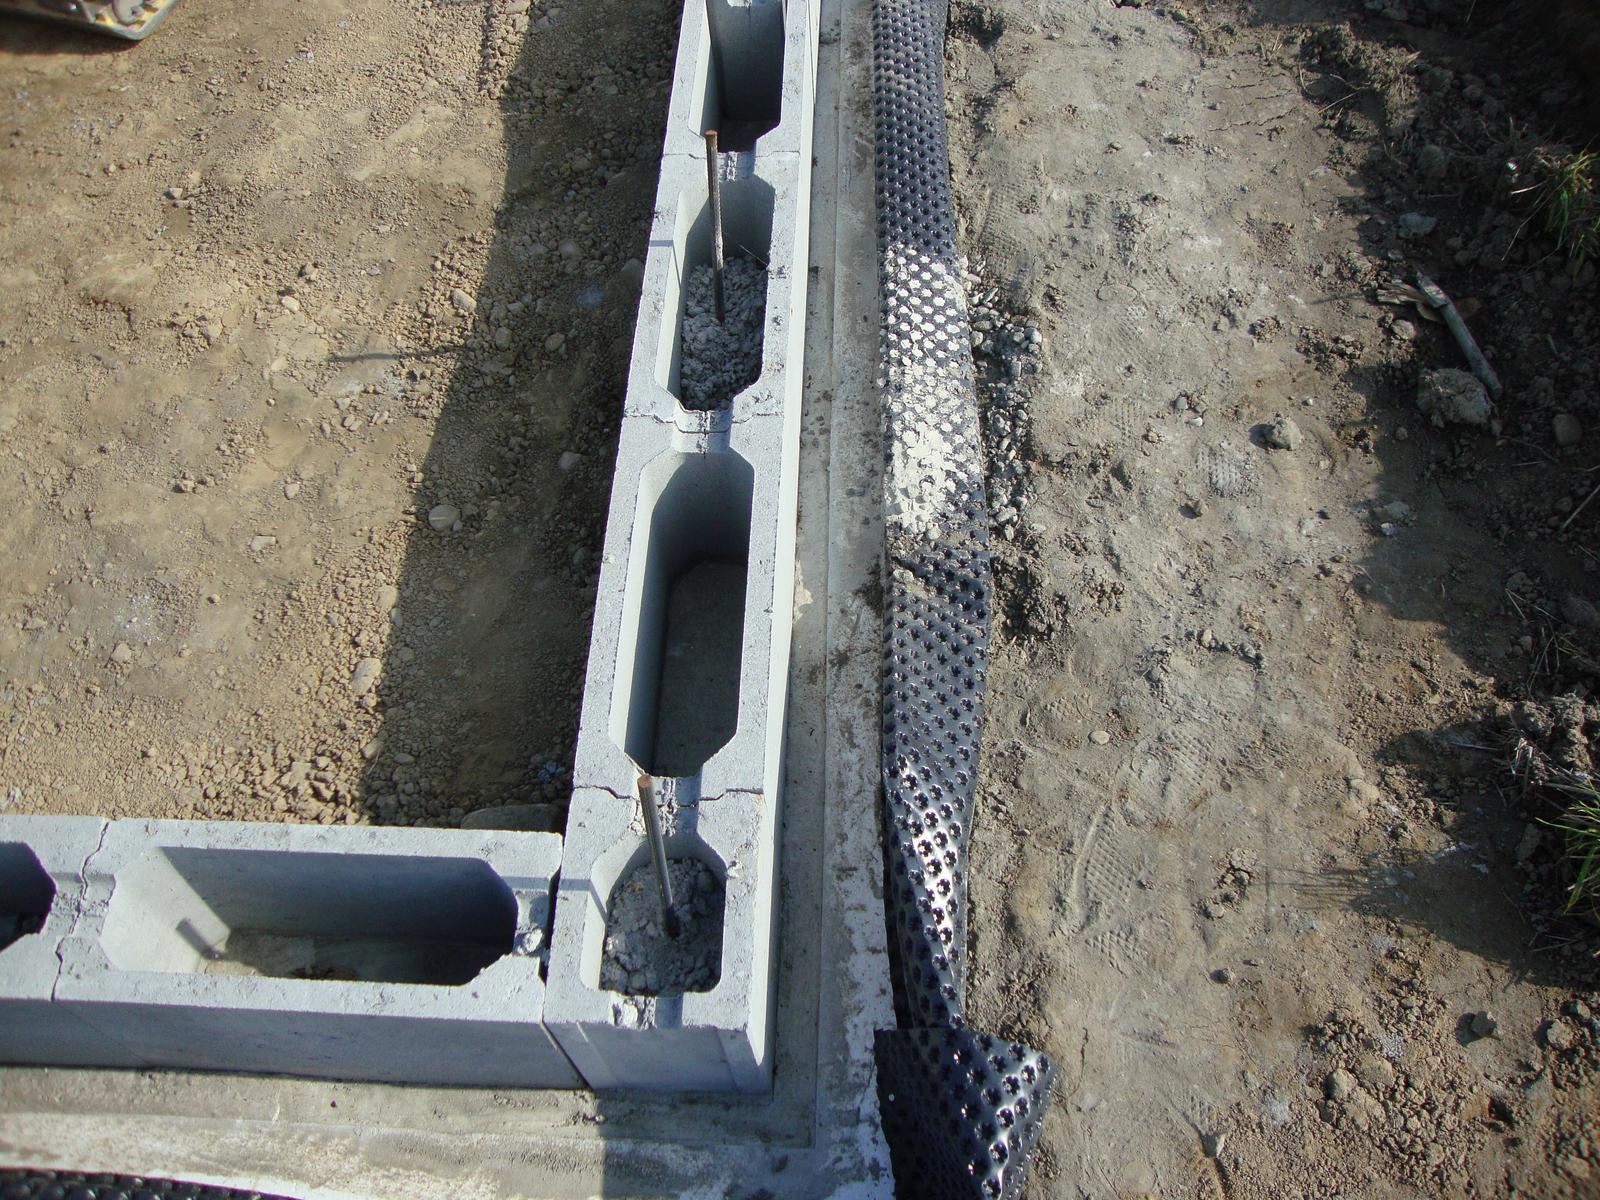 Efektivní bydlení - do kazdeho druhého kde byl roxor přišla lopata betonu přivezena na vozíku z betonárky